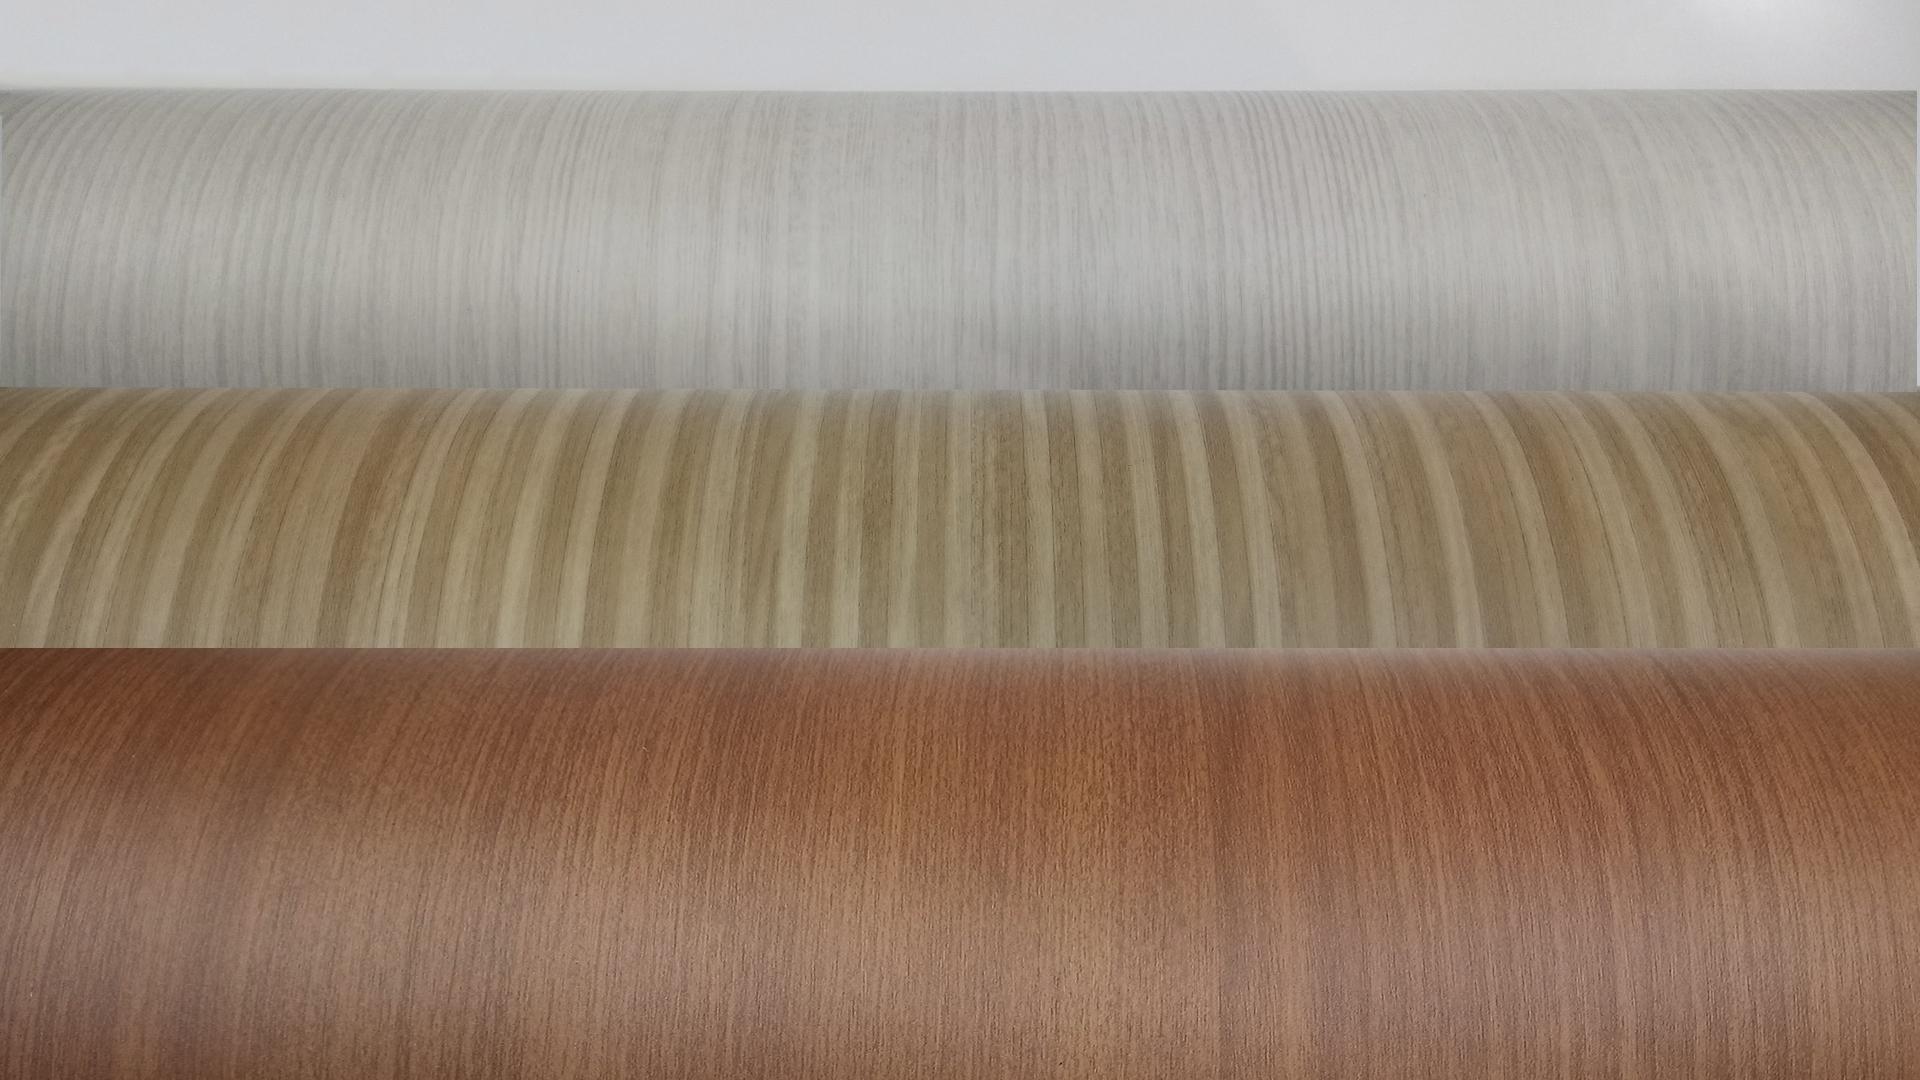 Forrar madera con vinilo mosic blue papel pintado de for Vinilo decorativo madera